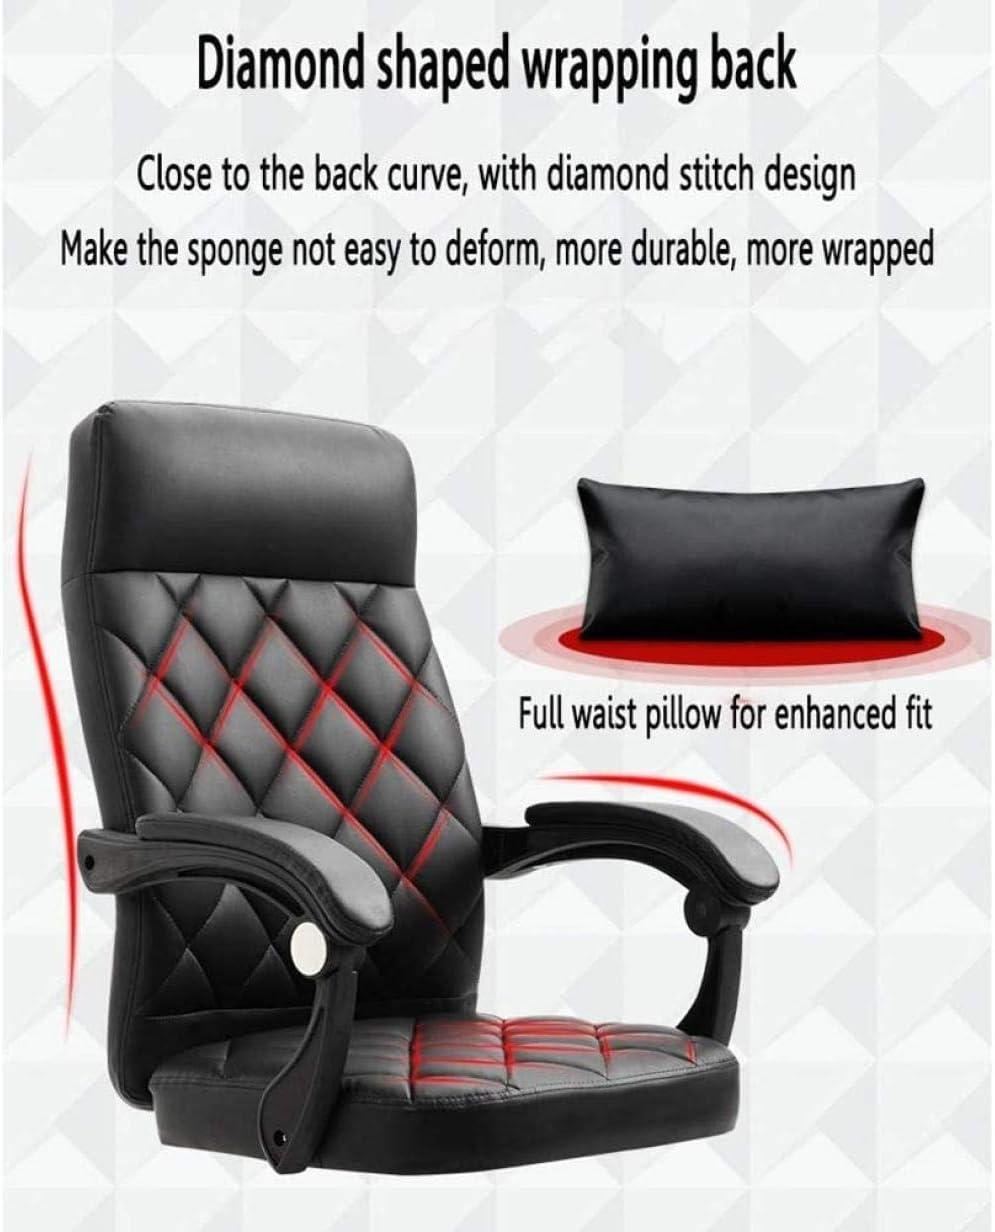 Chaise De Bureau Chambres À Coucher Chaise D'Ordinateur Pivotante avec Dossier Haut Grand Siège Et Fonction D'Inclinaison en Cuir PU Design Confort-Marron Marron